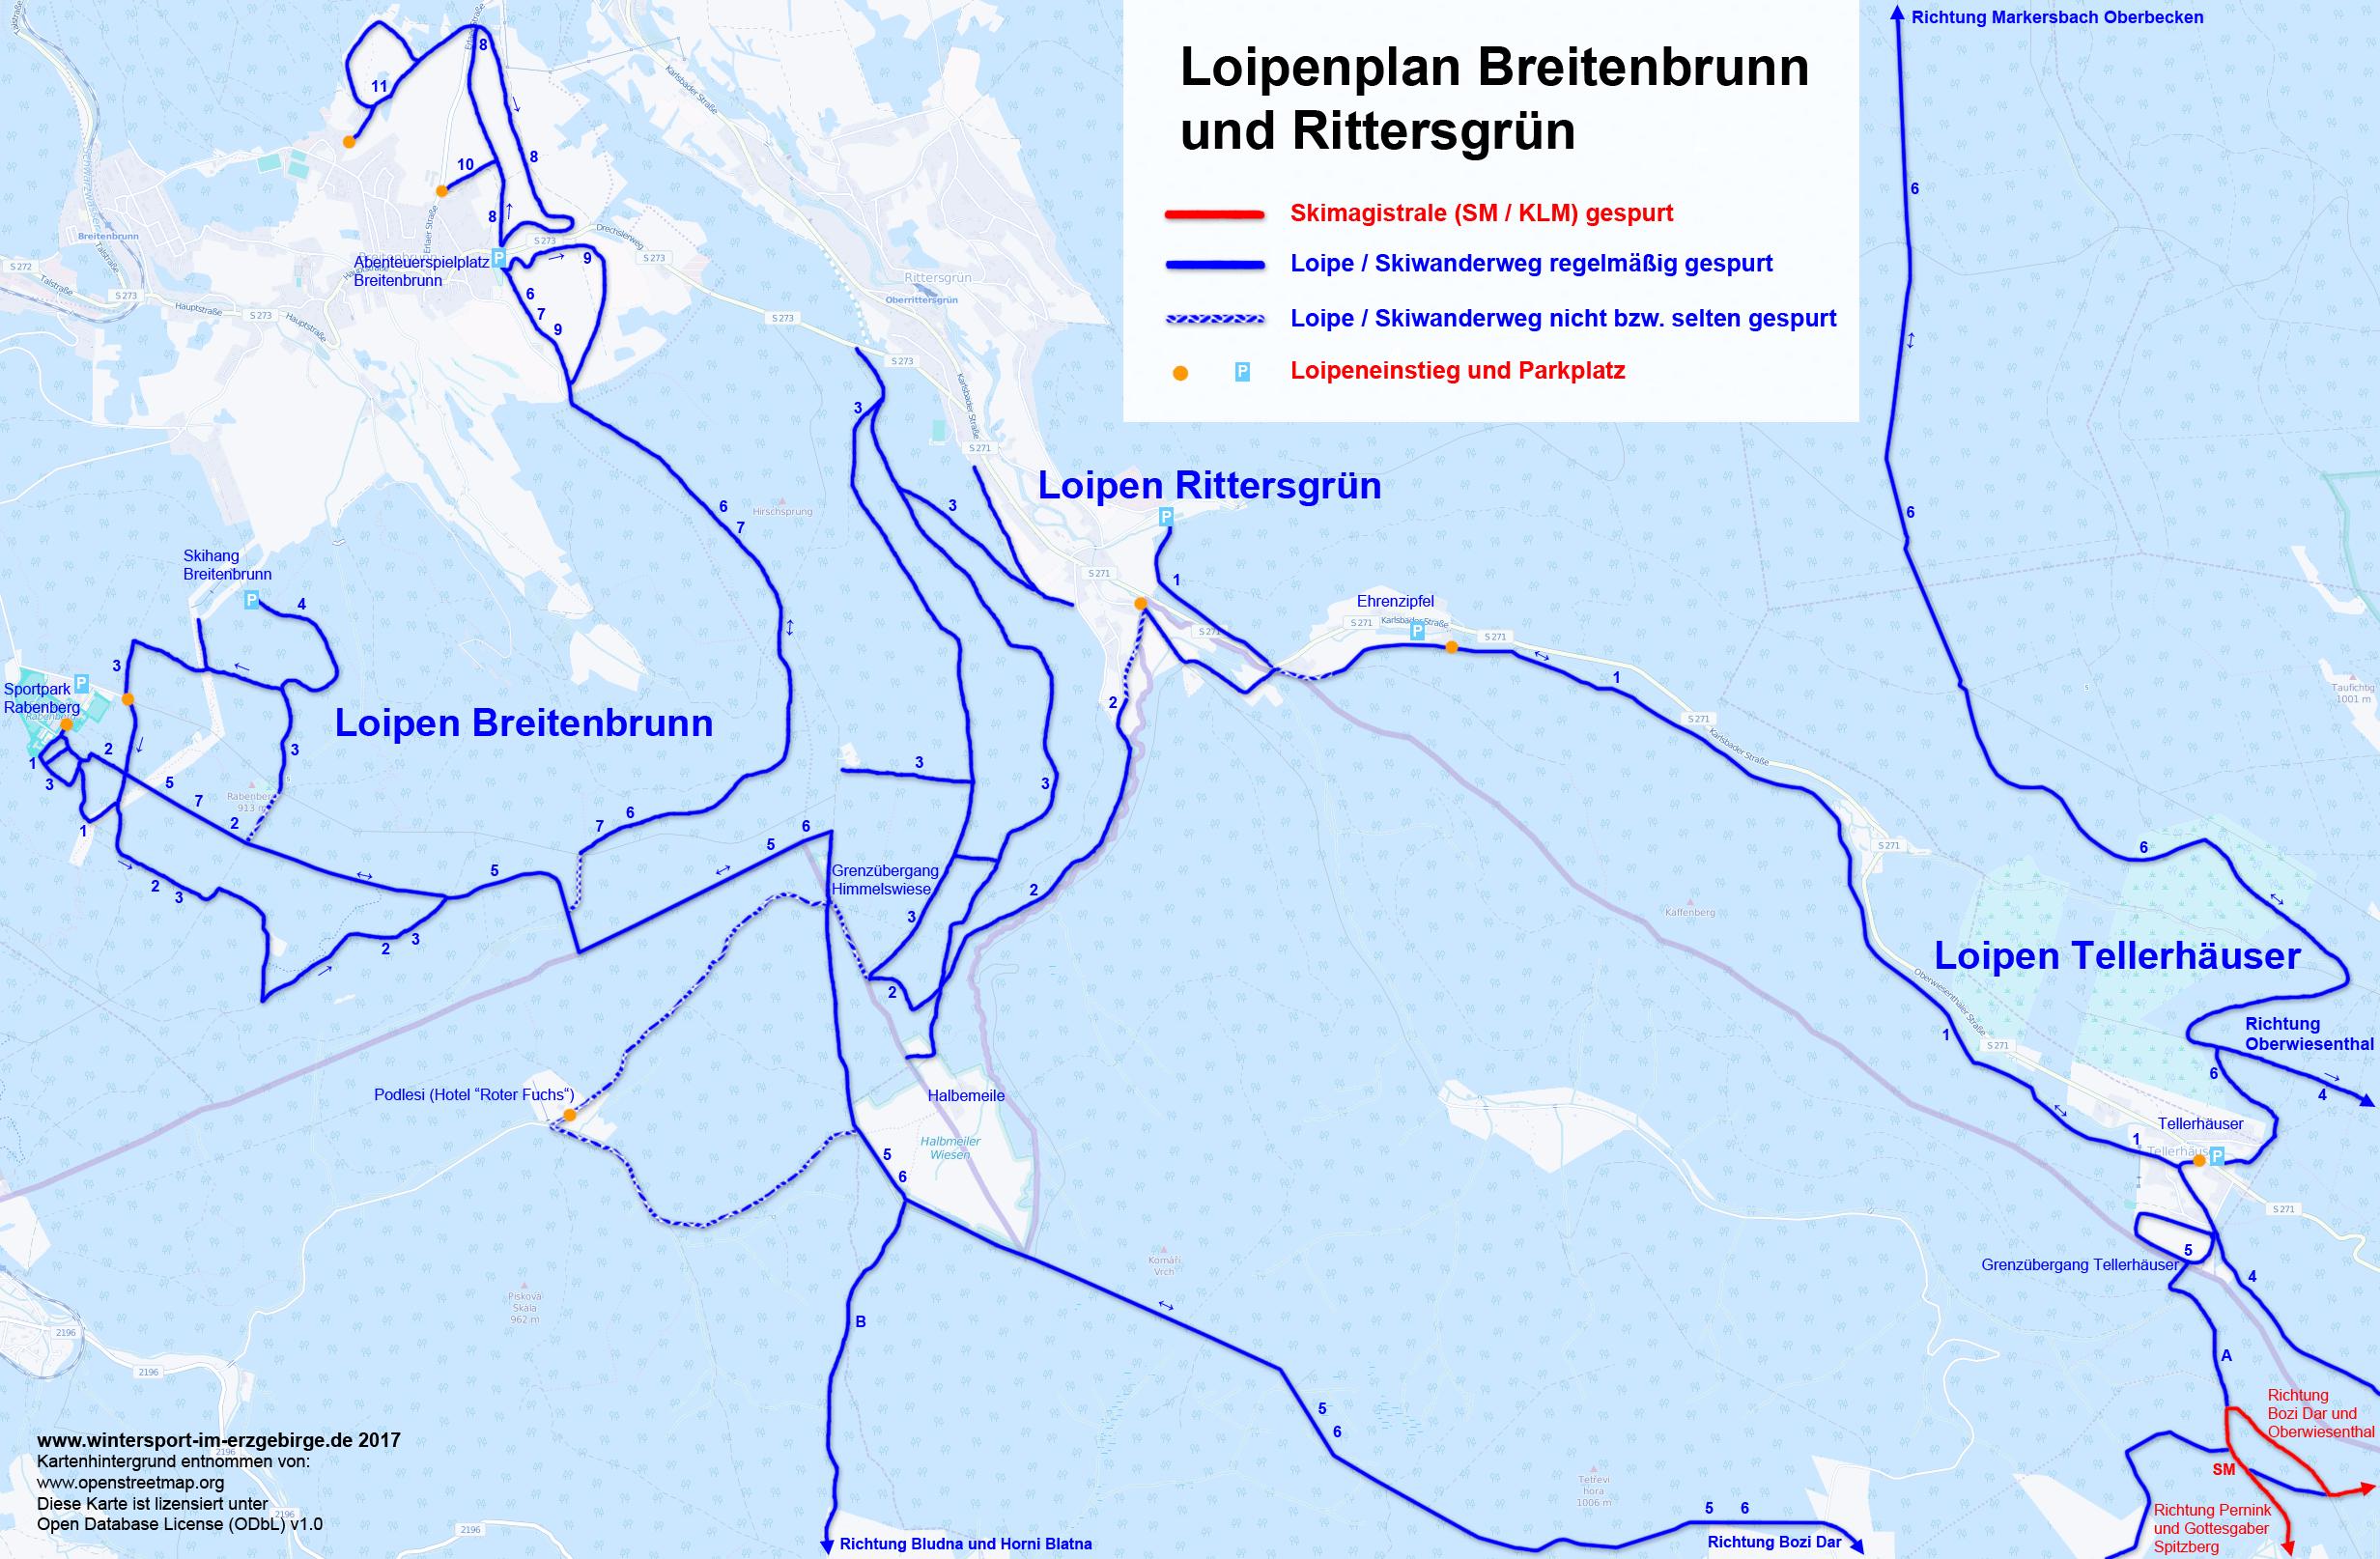 Loipenplan Breitenbrunn, Rittersgrün und Tellerhäuser